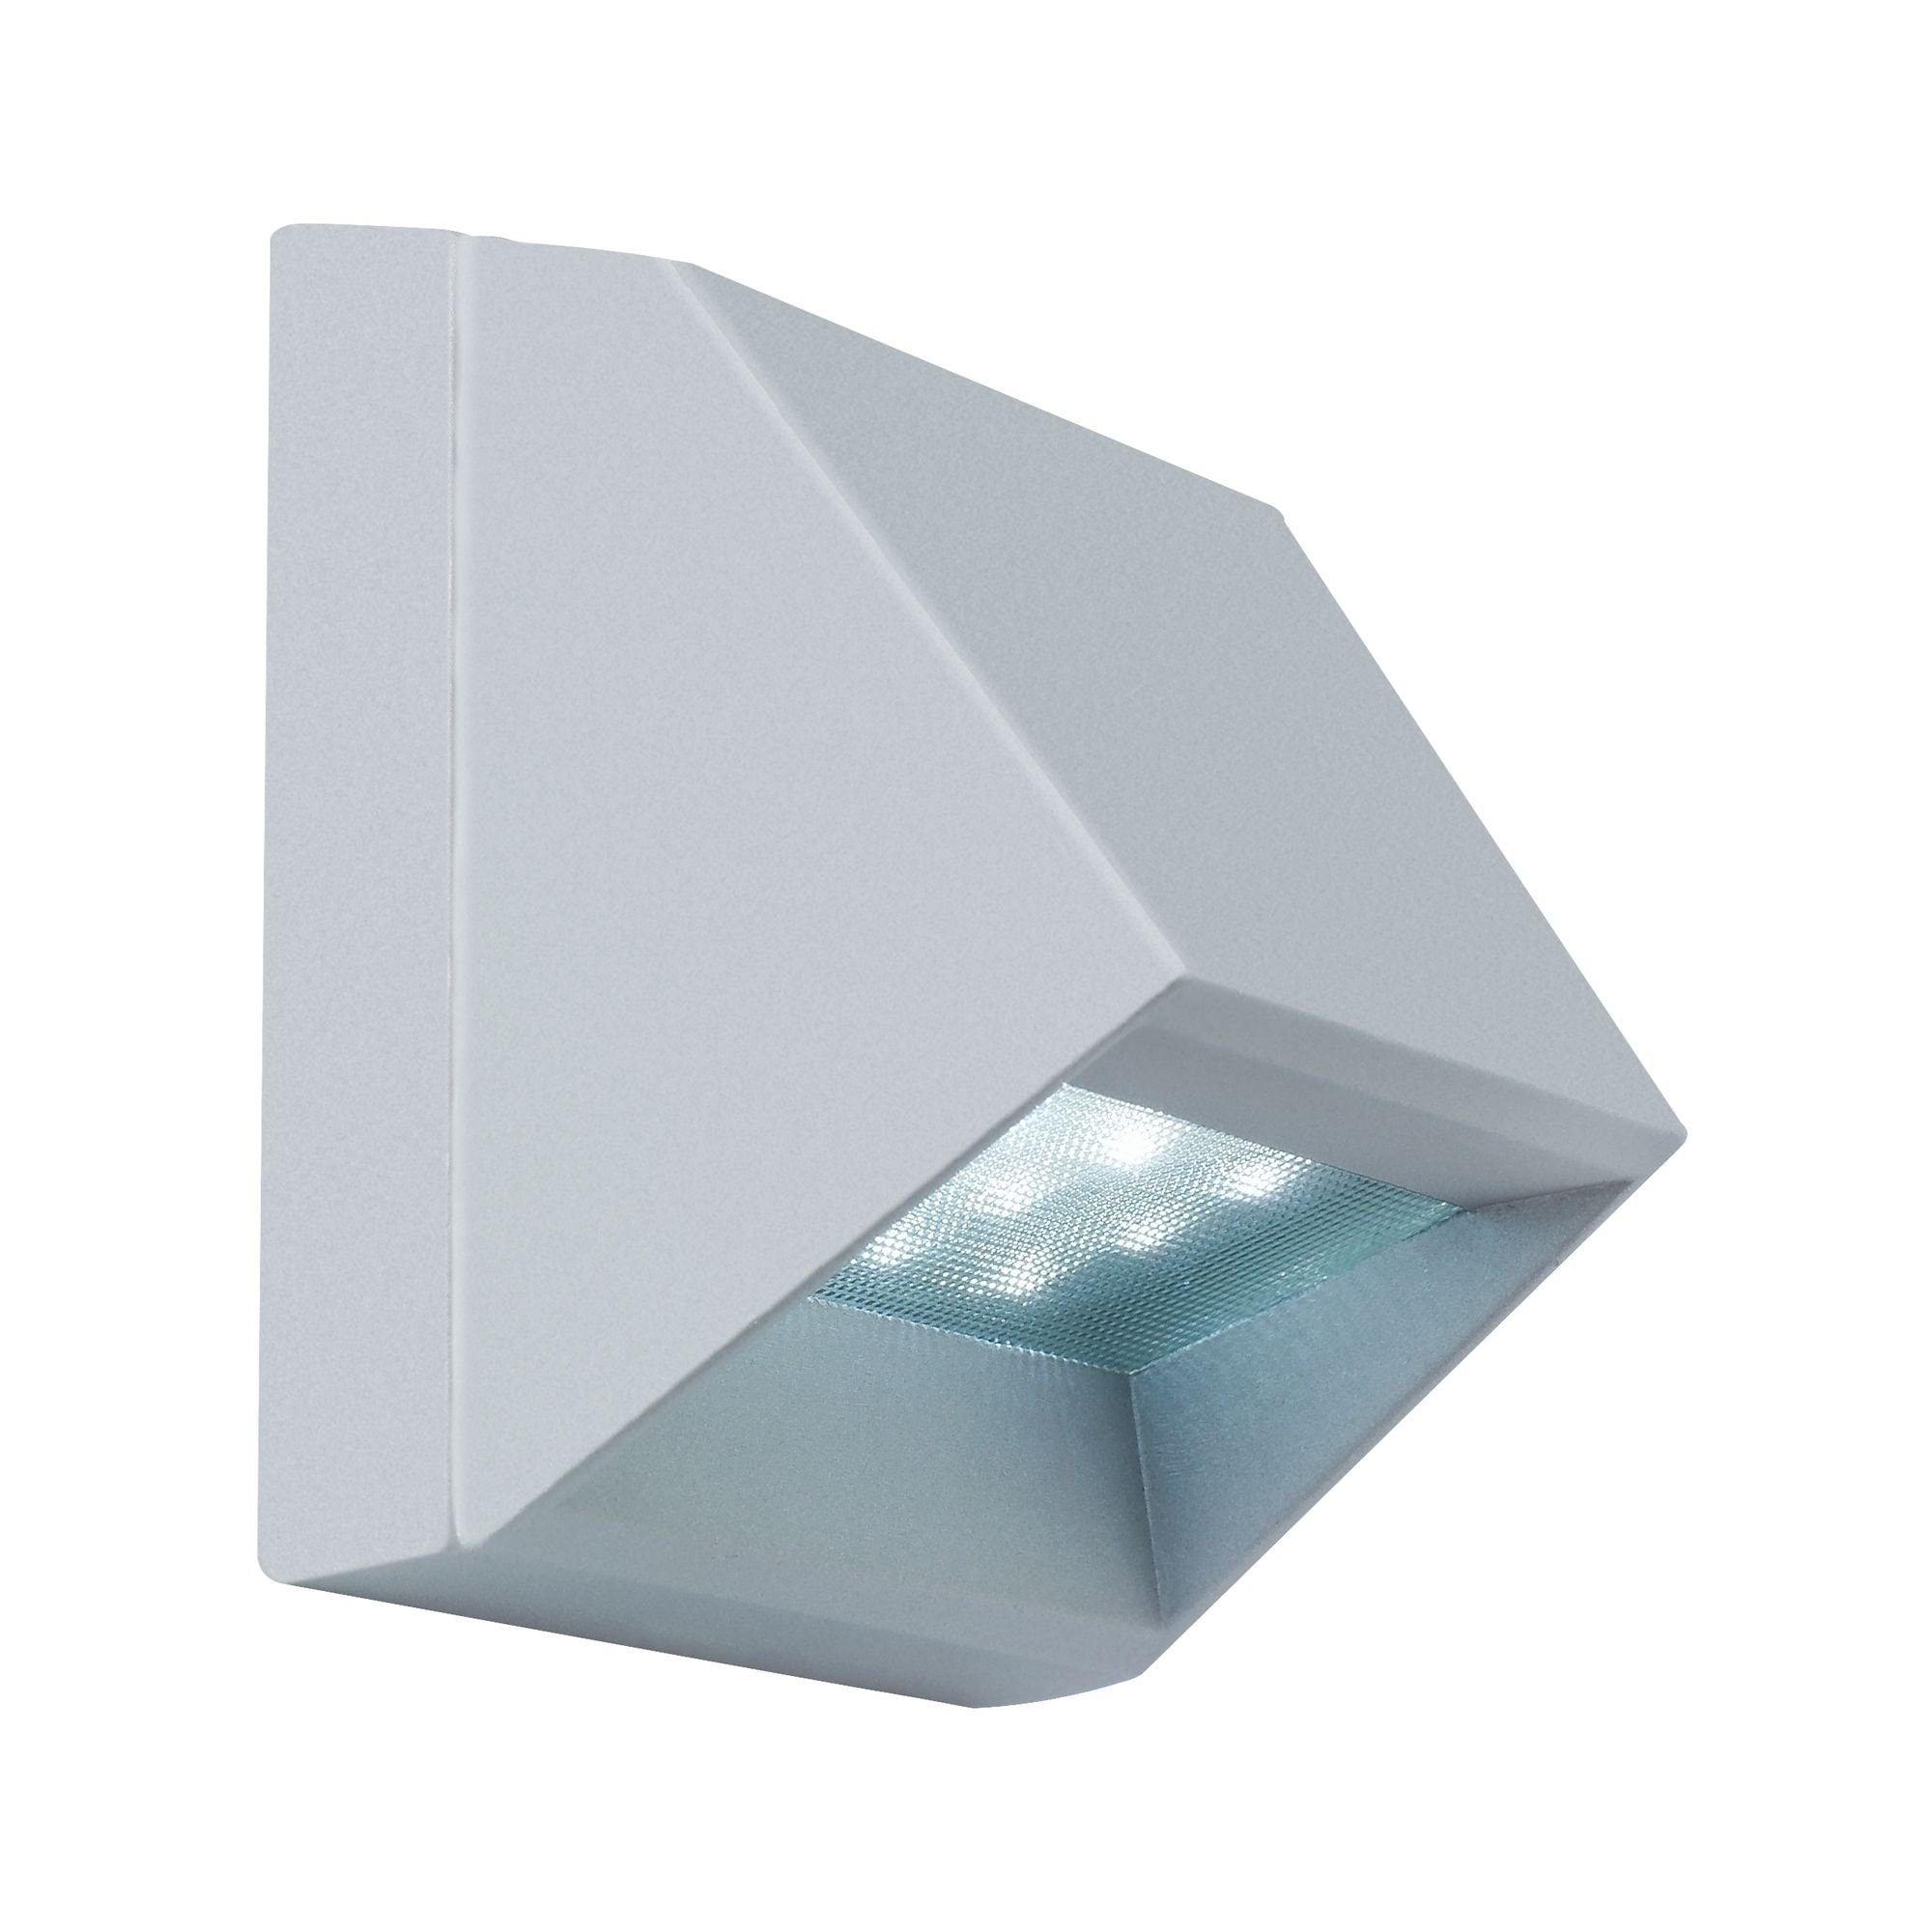 Paulmann LED Außen-Wandleuchte Special Line Wall Titan 1,5W, 1 St., Tageslichtweiß